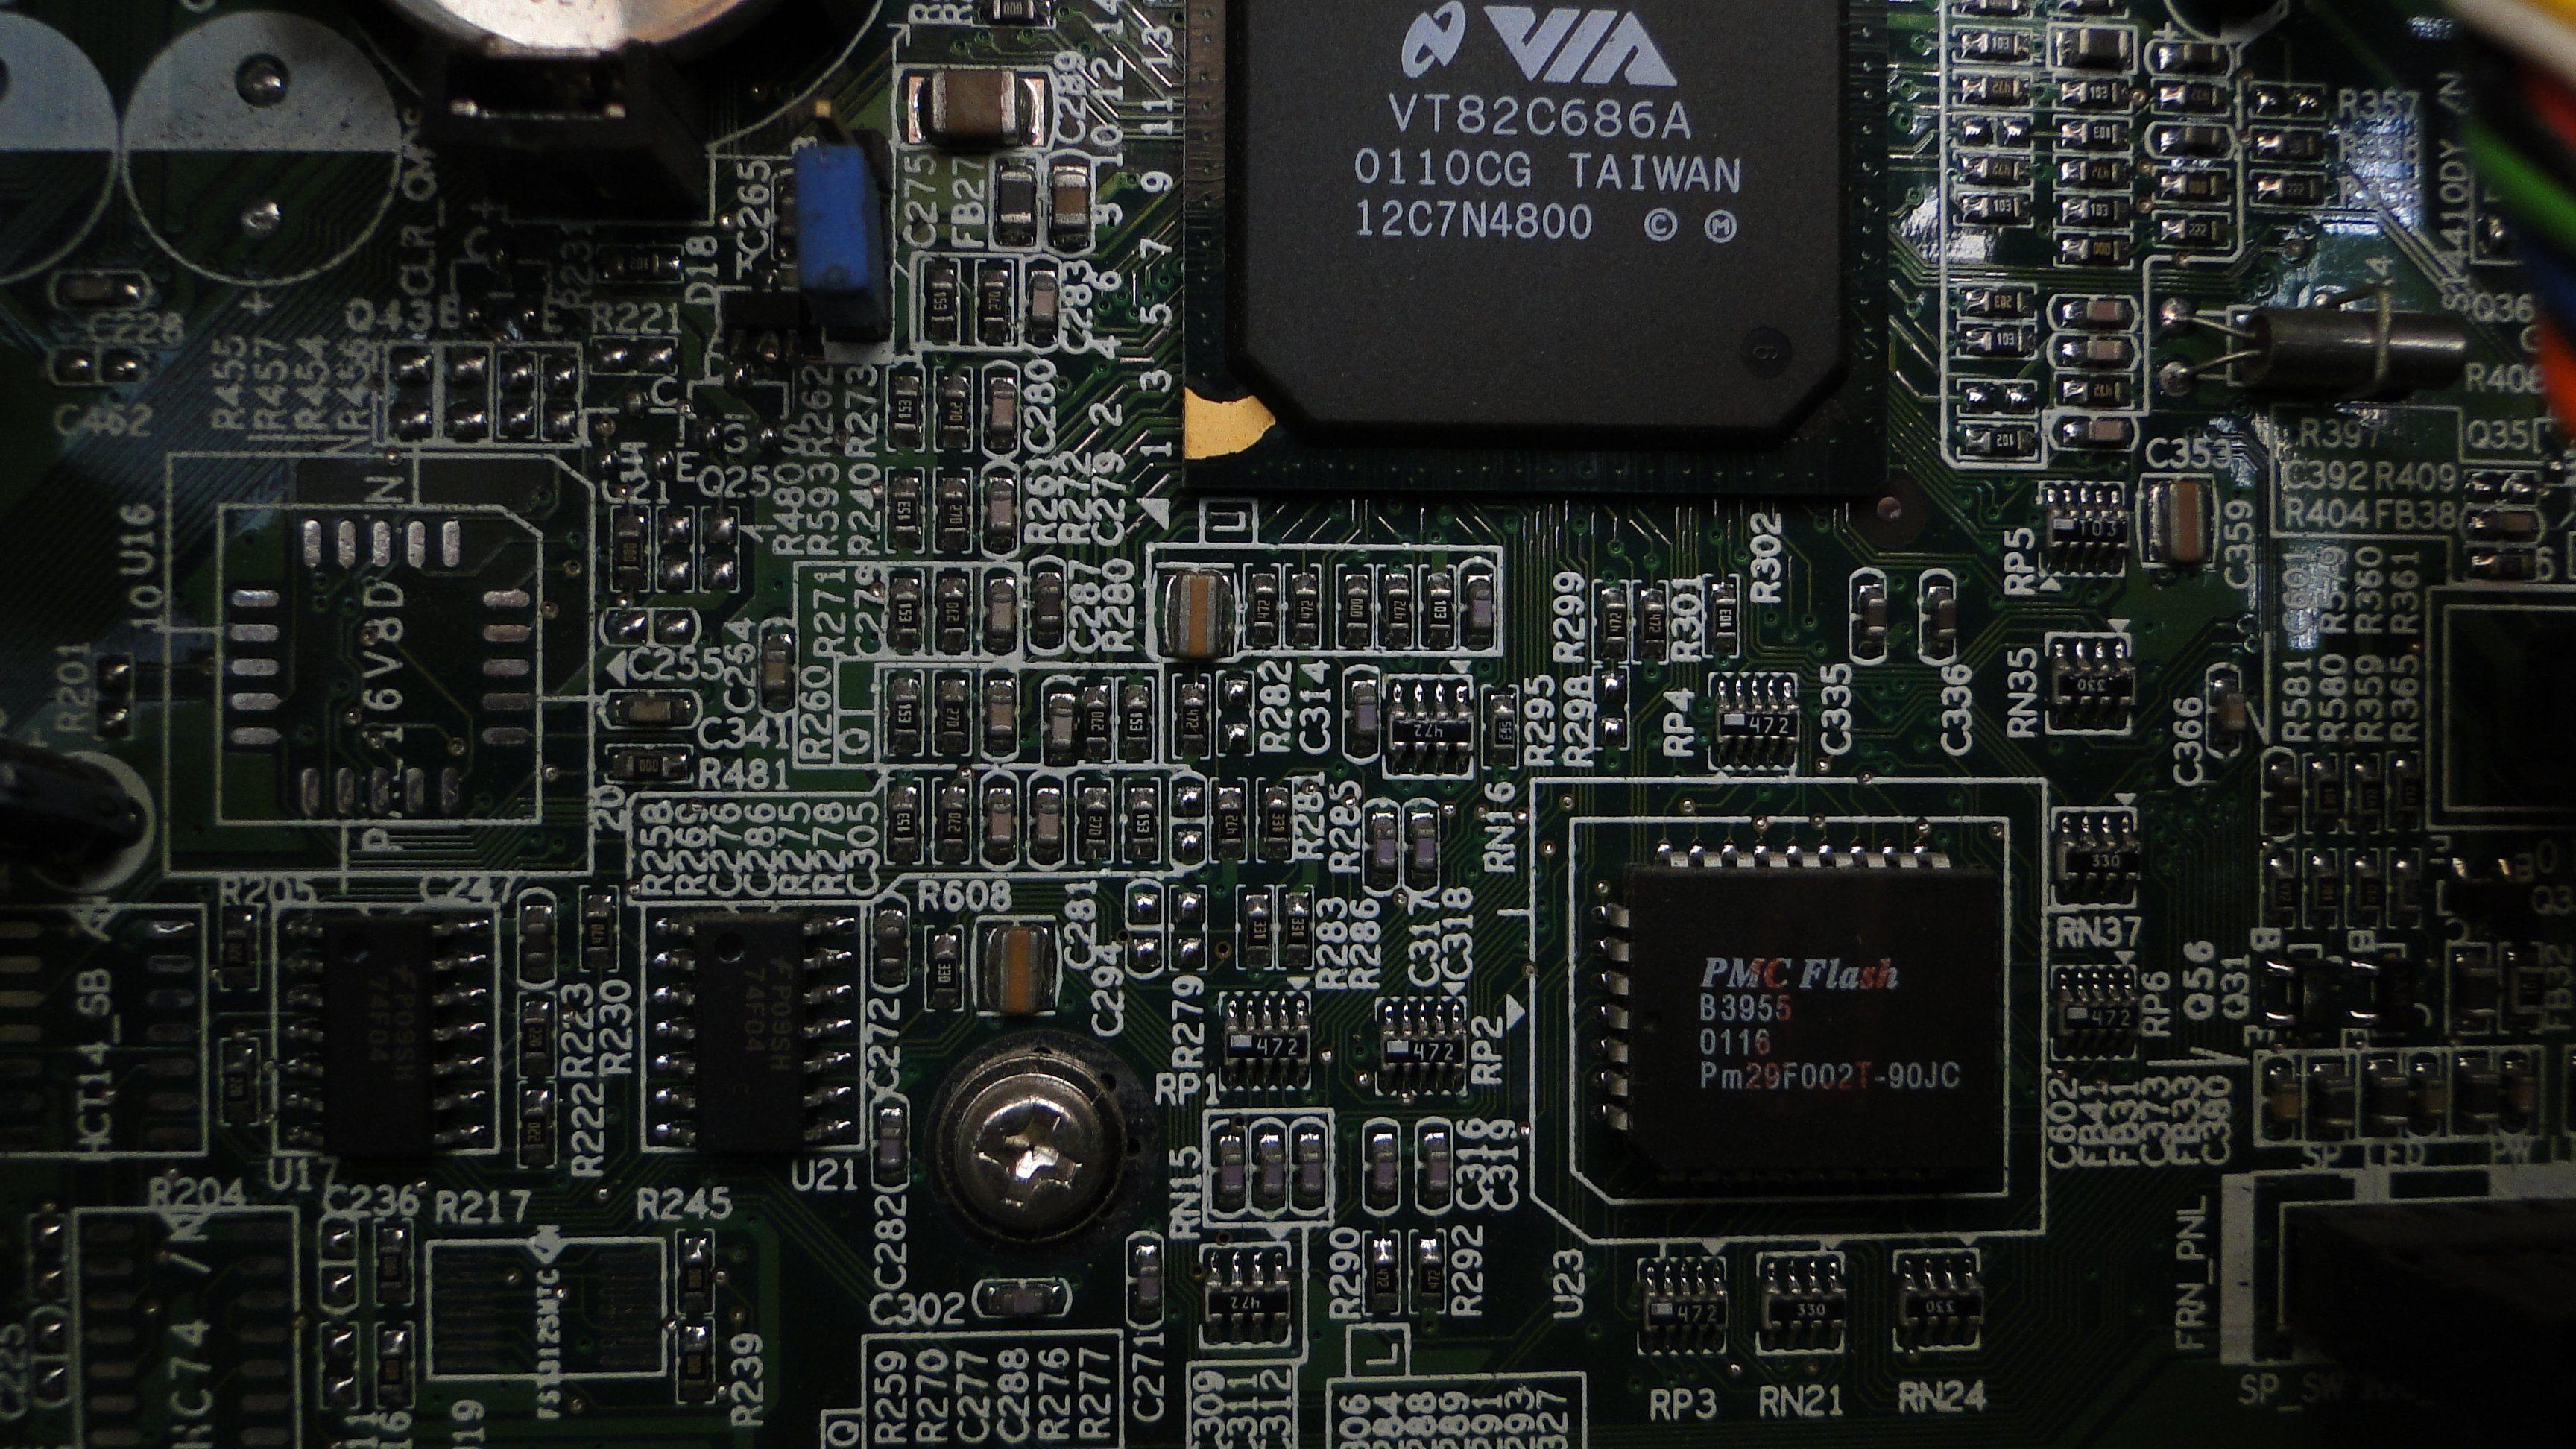 New Wallpaper Of Computer Parts